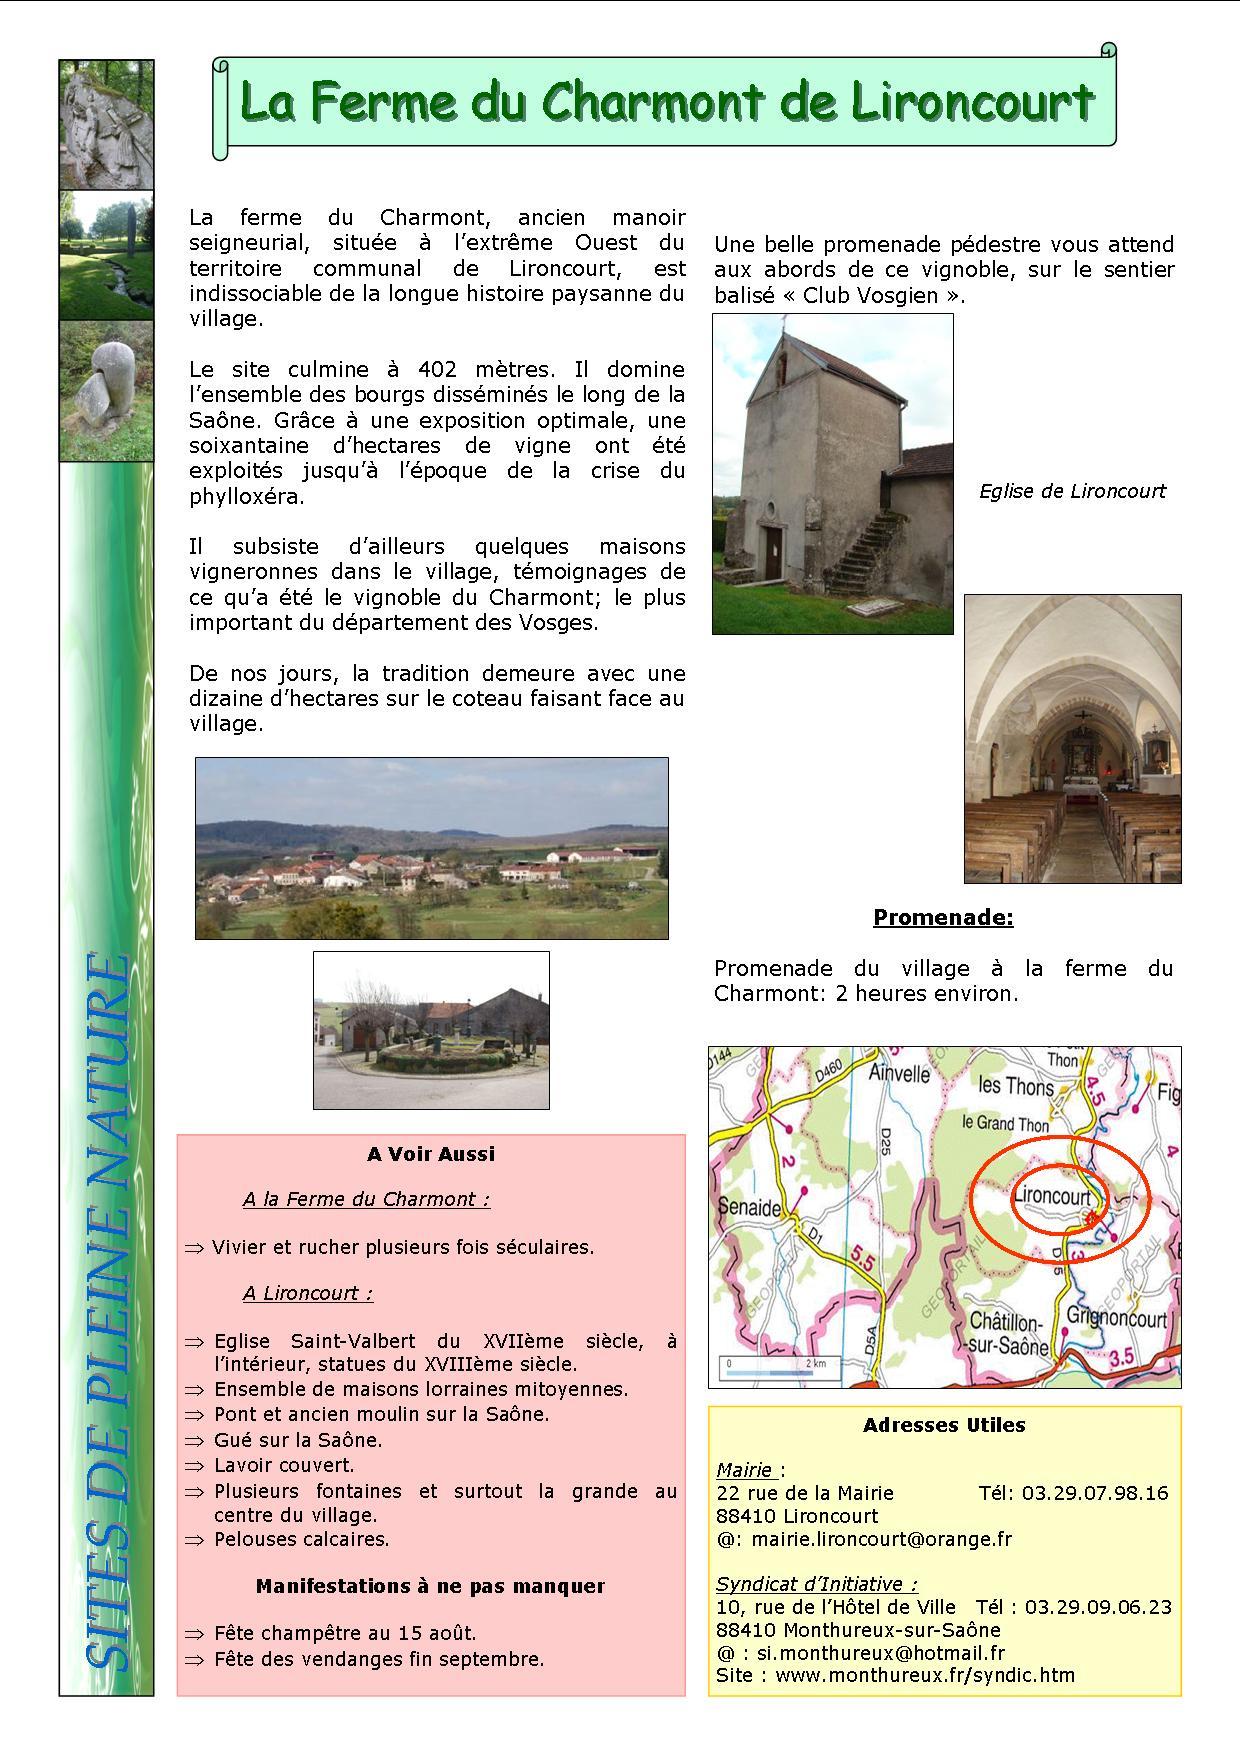 Lironcourt